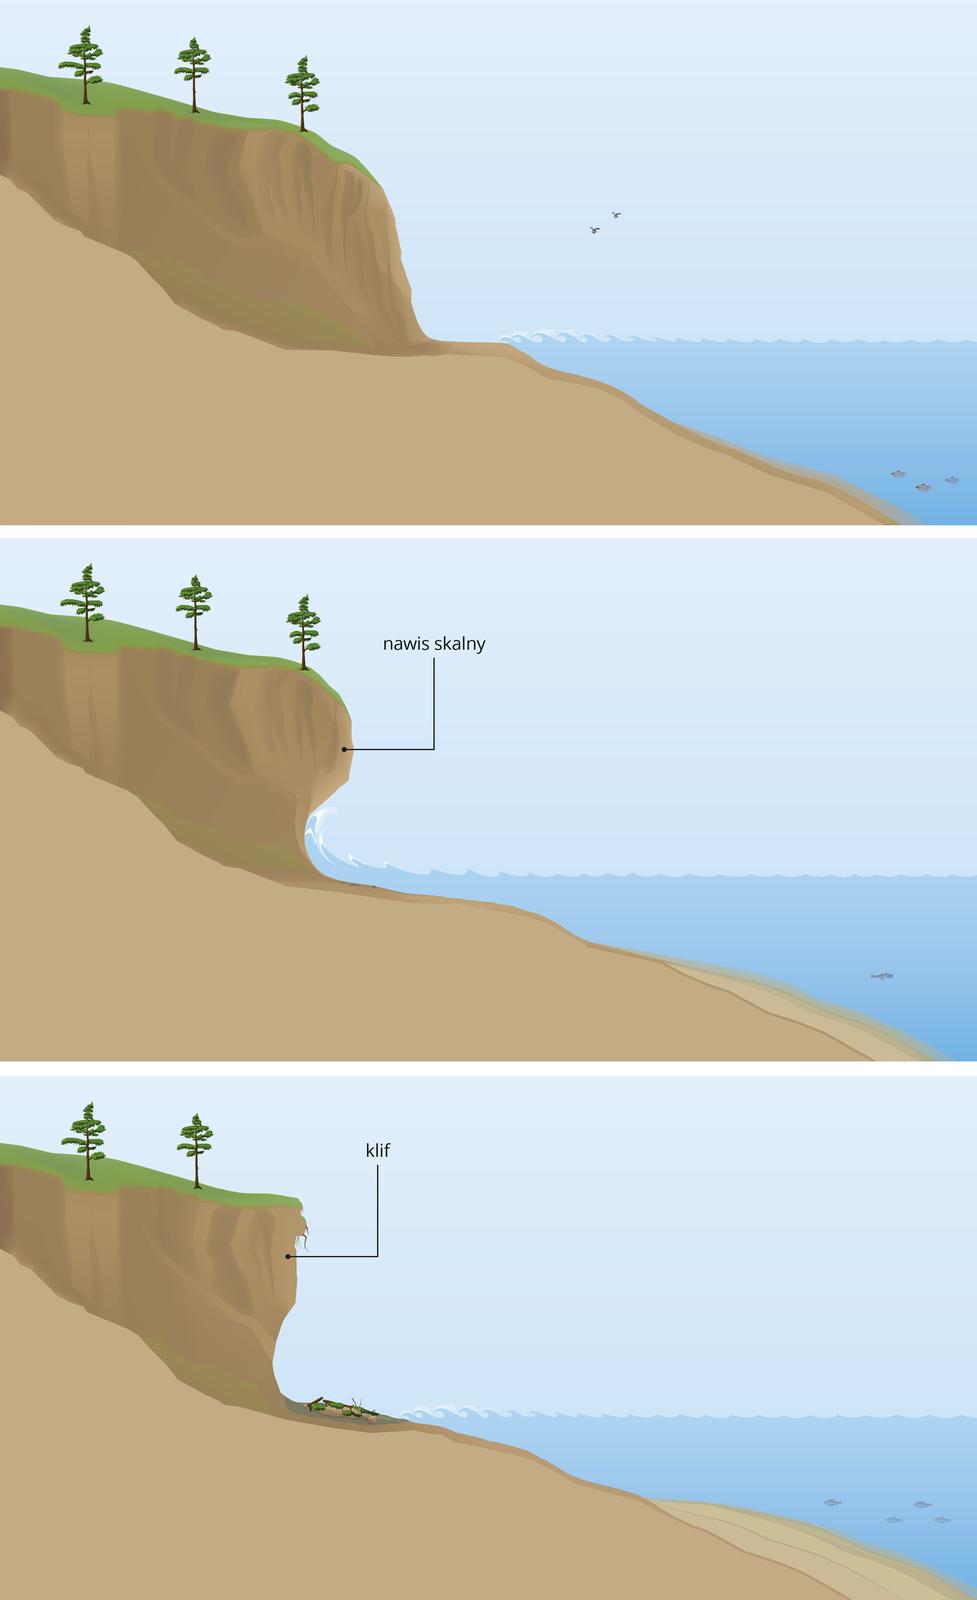 Ilustracje prezentujące kolejne etapy powstawania klifu. Pierwsza ilustracja ukazuje wysoki brzeg morski stykający się zmorzem. Druga ilustracja ukazuje podmywanie przez fale morskie wysokiego brzegu, wwyniku czego powstaje nawis skalny. Trzecia ilustracja ukazuje klif powstały na skutek upadku nawisu skalnego. Upodnóża klifu tworzy się plaża.